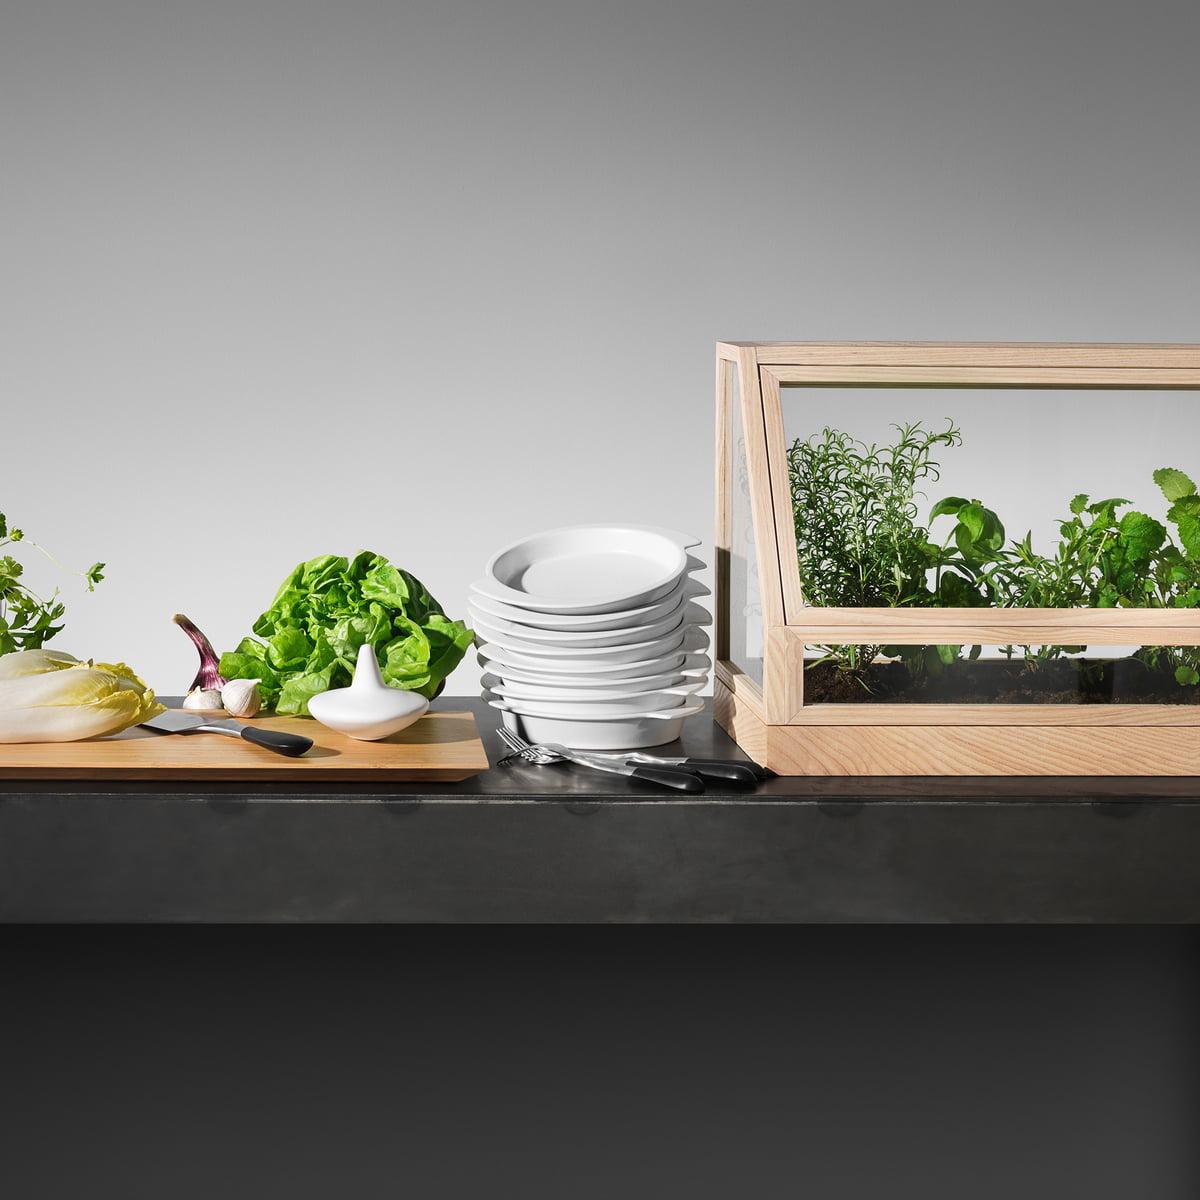 minidrivhus fra design house stockholm. Black Bedroom Furniture Sets. Home Design Ideas